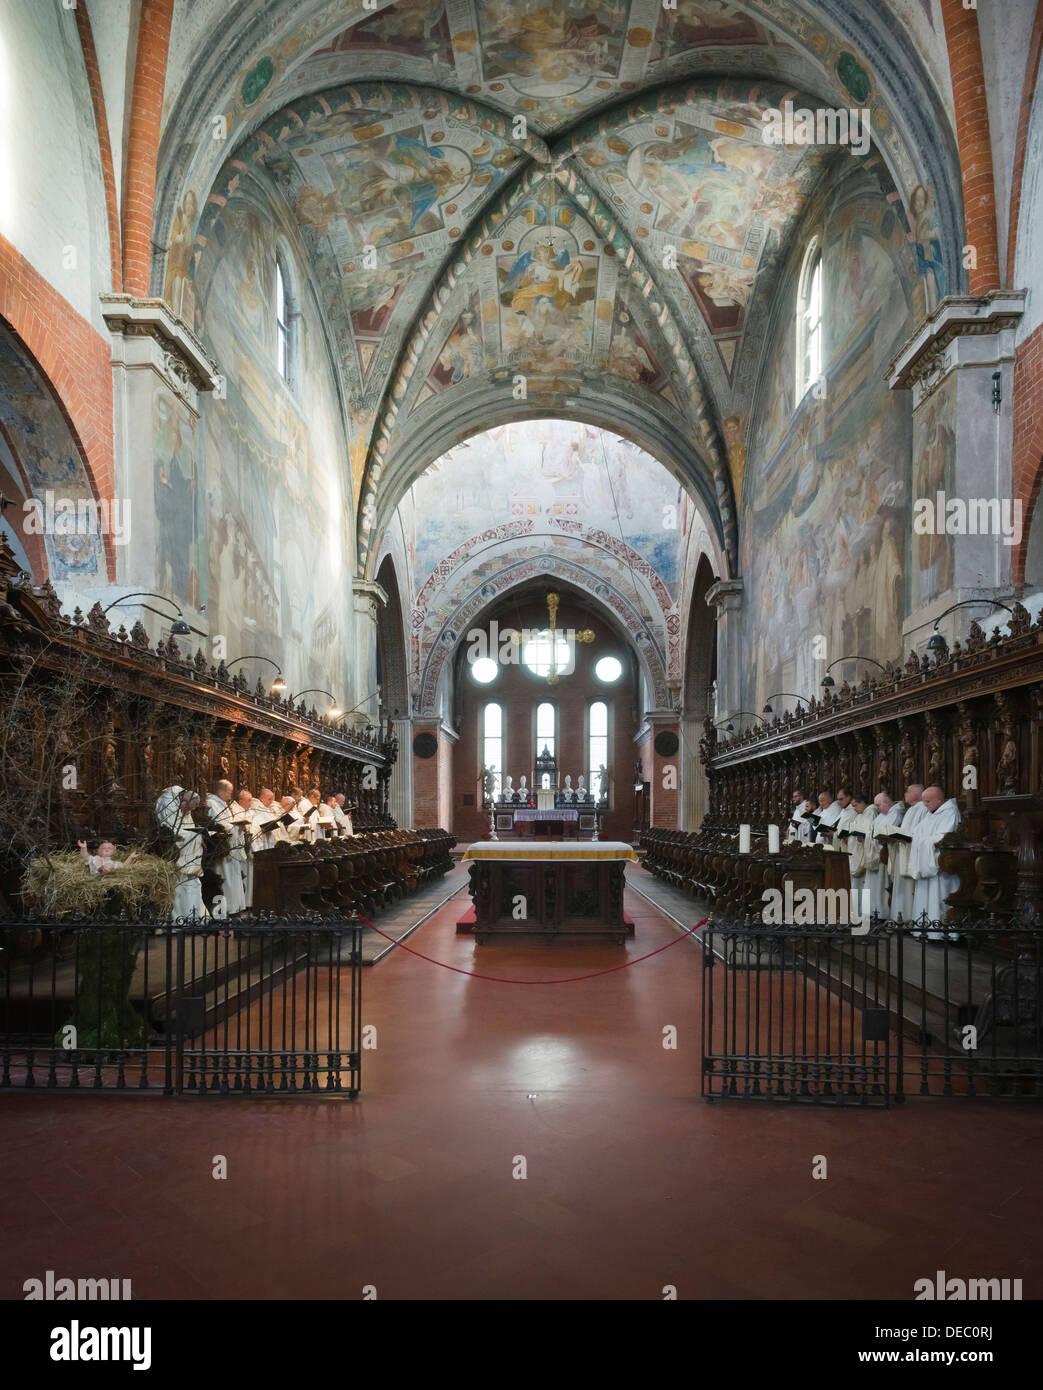 Les moines cisterciens dans la prière dans le quartier gothique, l'abbaye de Clairvaux Abbaye Chiaravalle Milanese, Rogoredo, Milan, Lombardie, Italie Banque D'Images